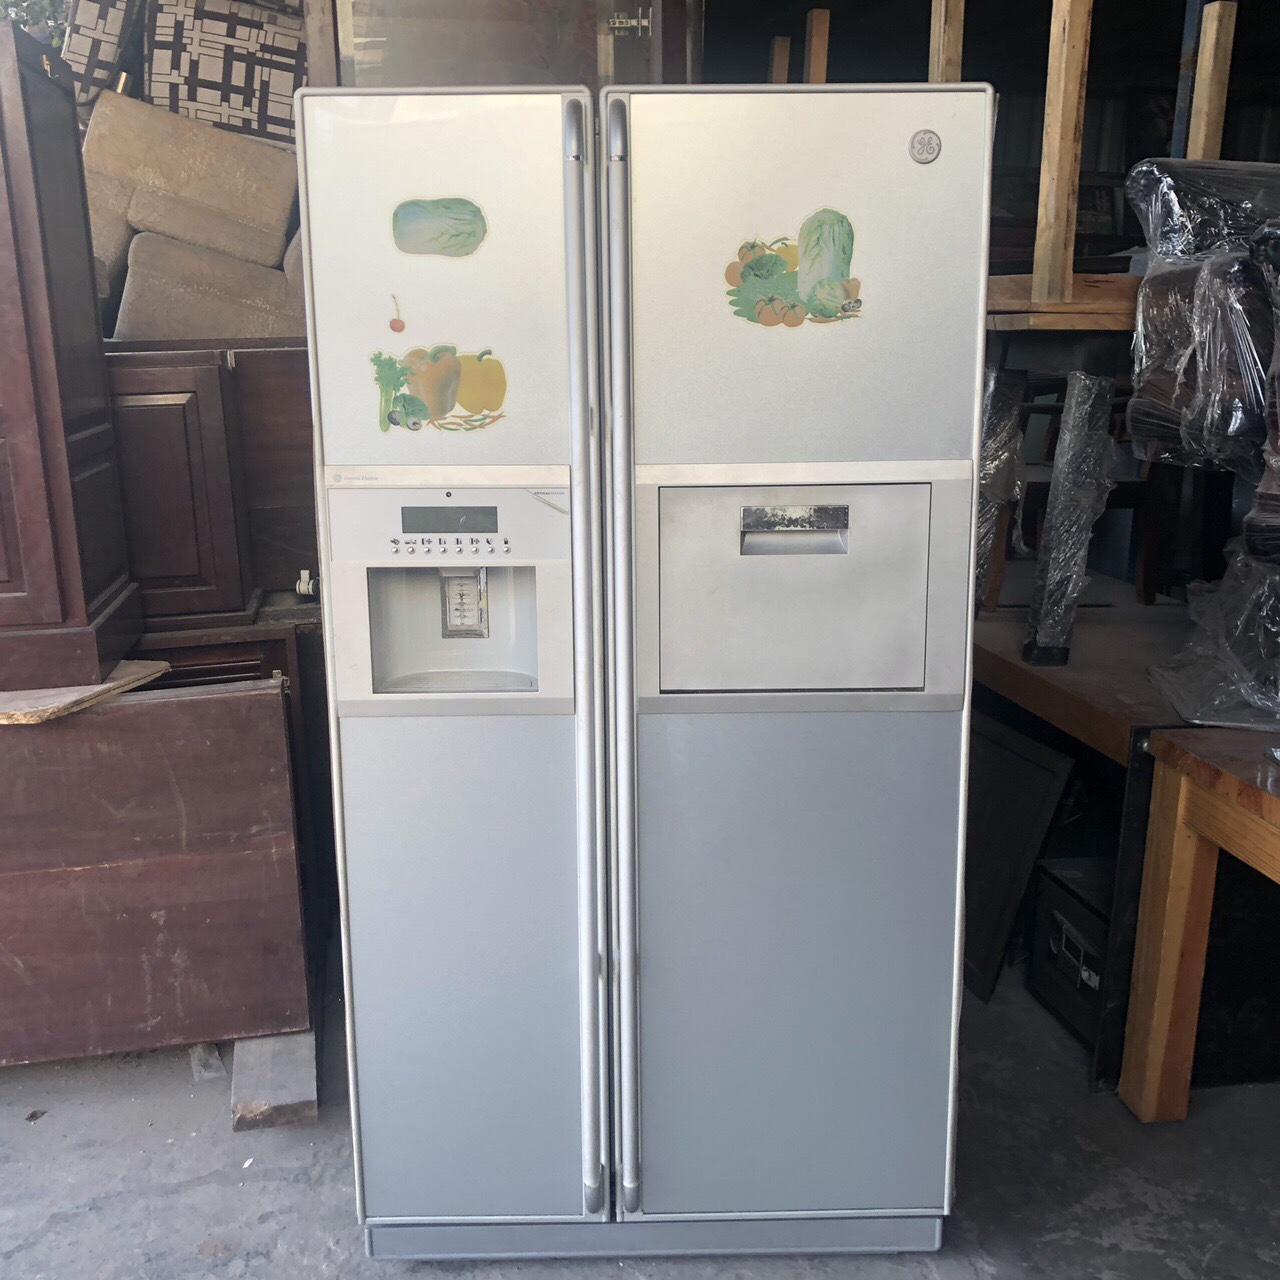 Thanh lý tủ lạnh sharp giá rẻ